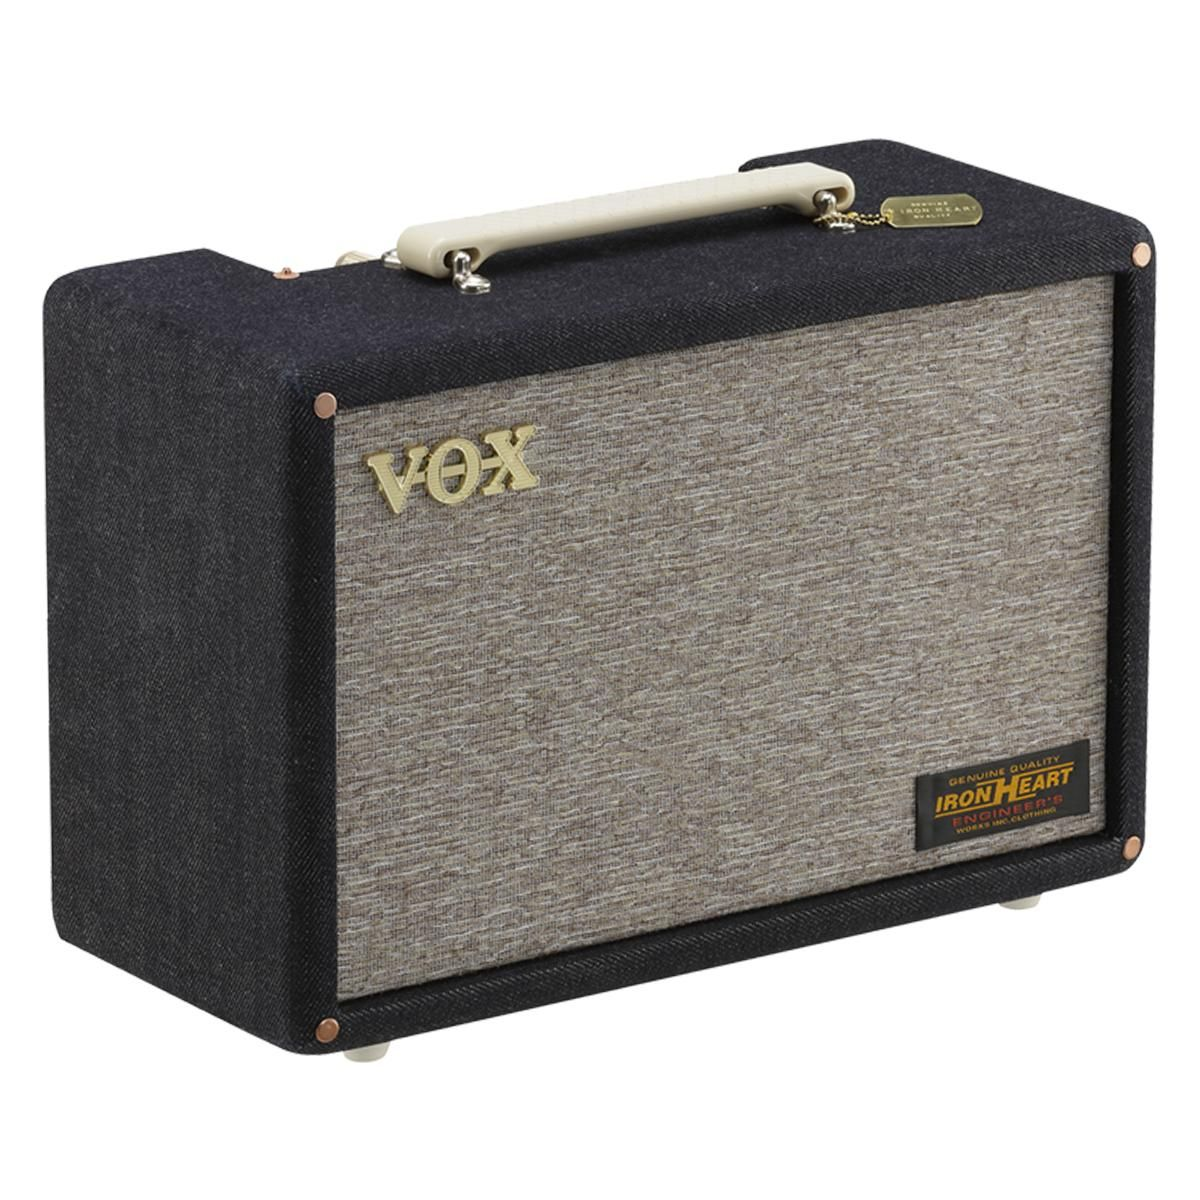 Cubo Amplificador Vox Pathfinder 10 DN Denin